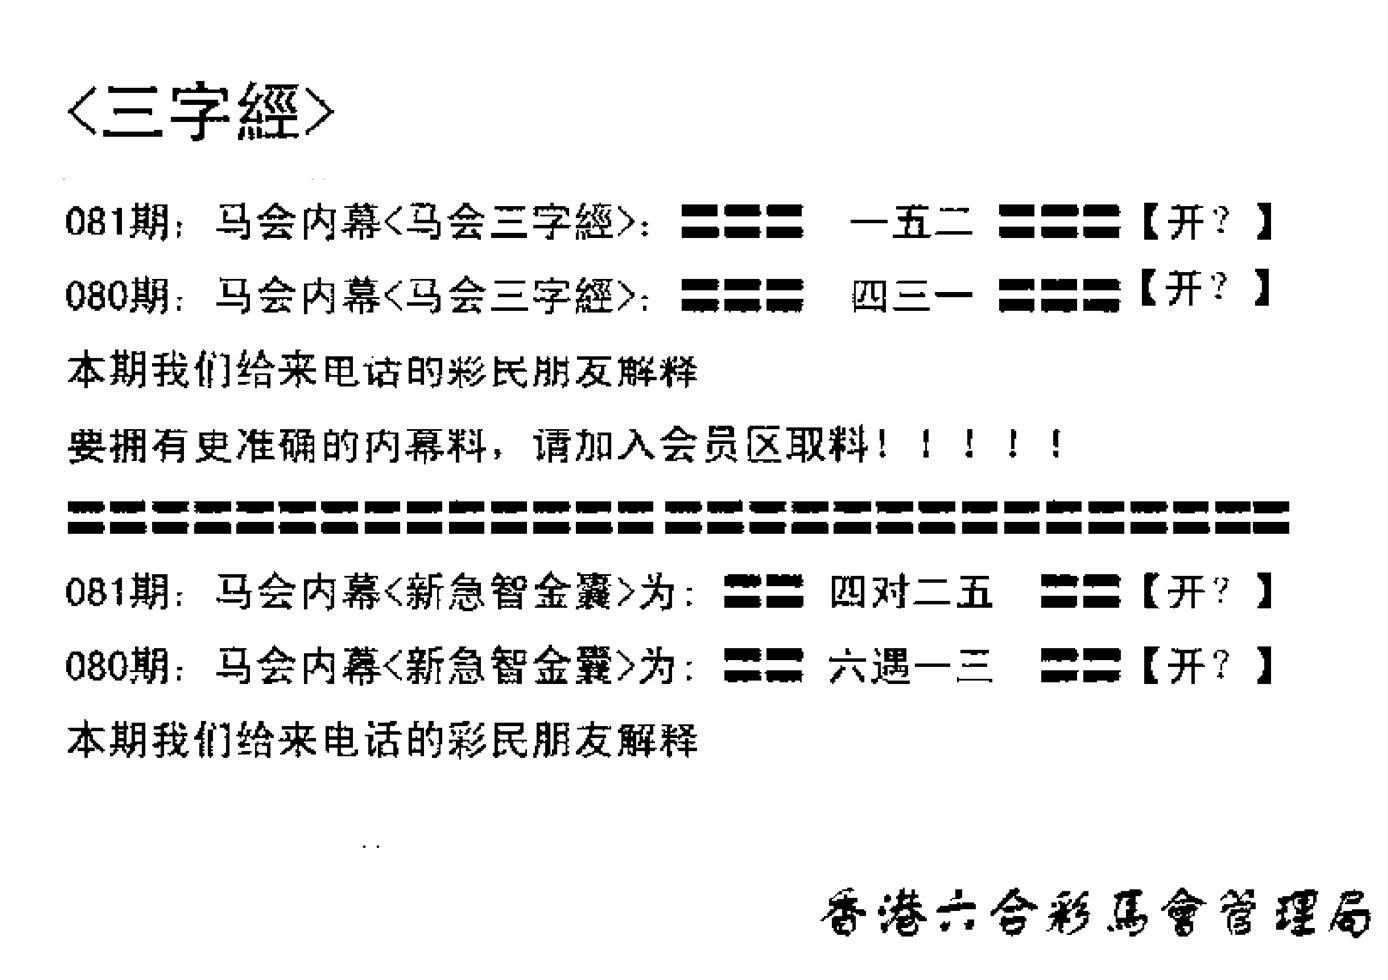 081期电脑版(早版)(黑白)